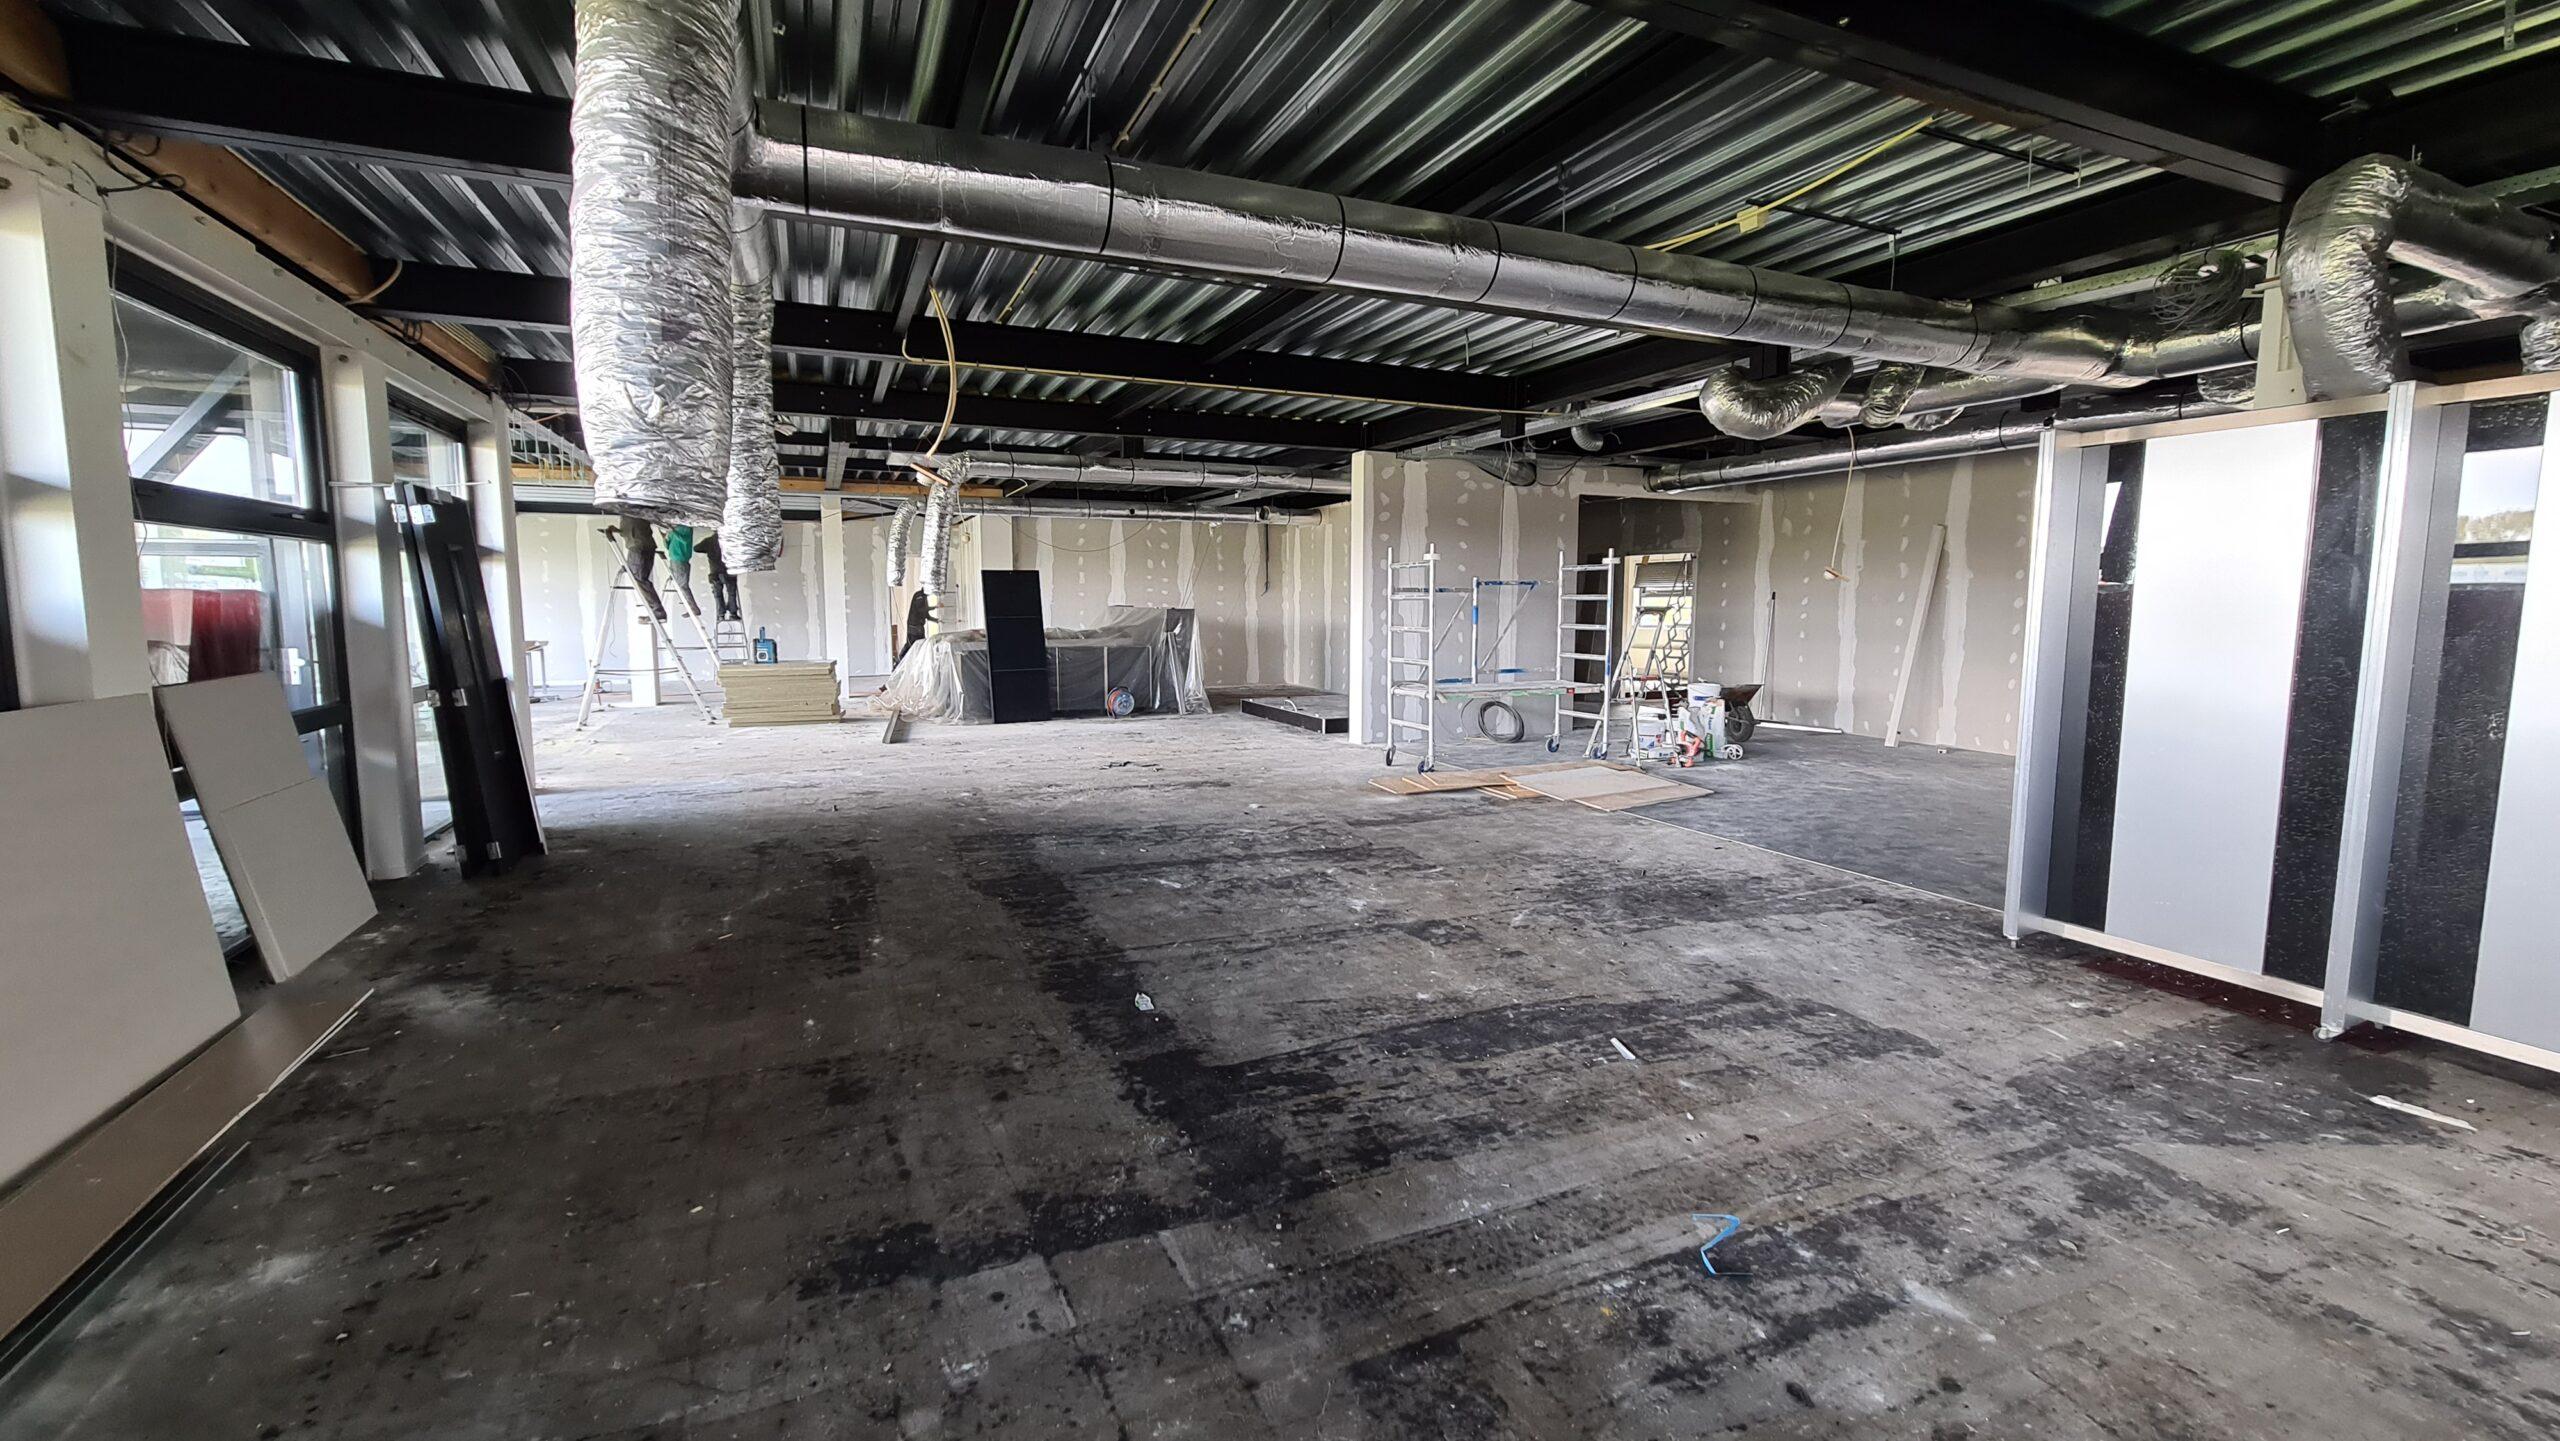 Stadion update: Hoeken stadion dicht en verbouwing businessclub